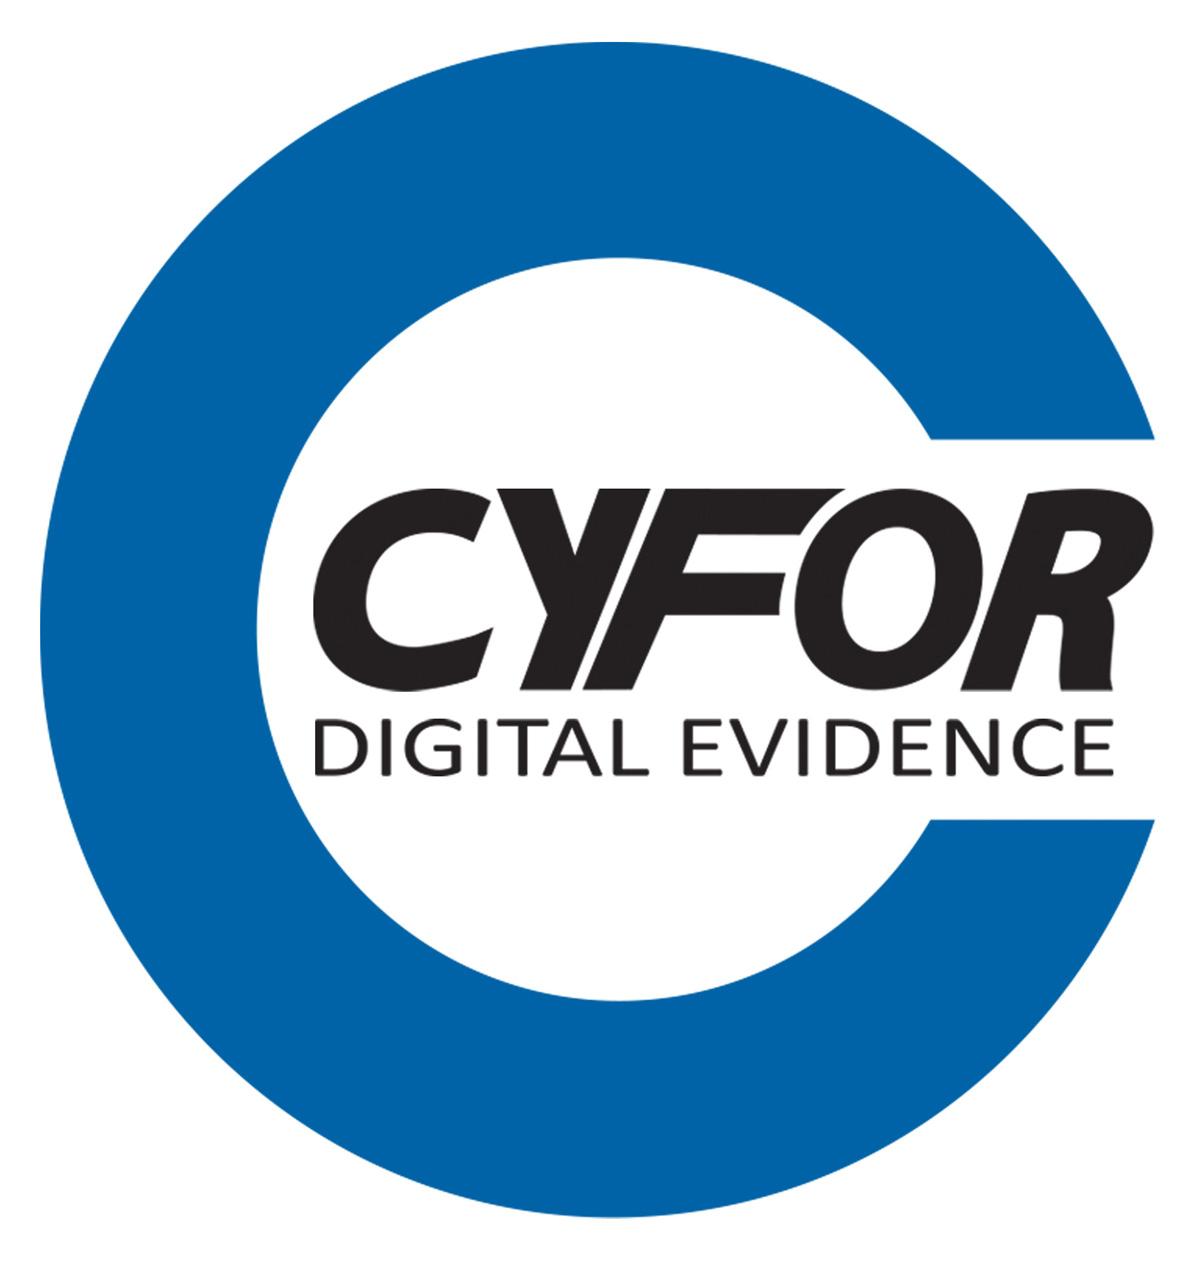 cyfor new logo